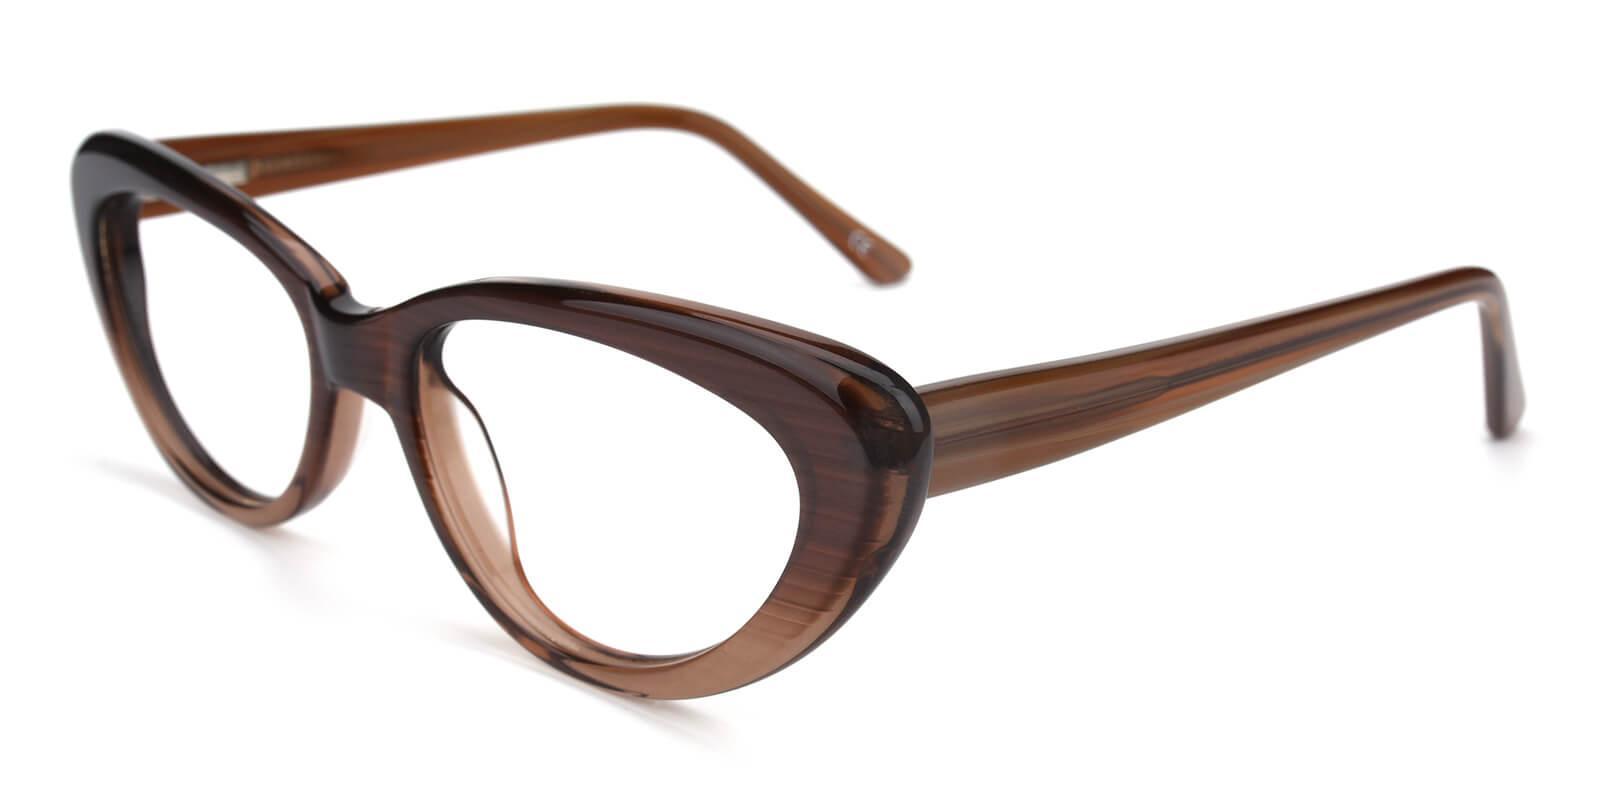 Retro-Cream-Cat-Acetate-Eyeglasses-additional1